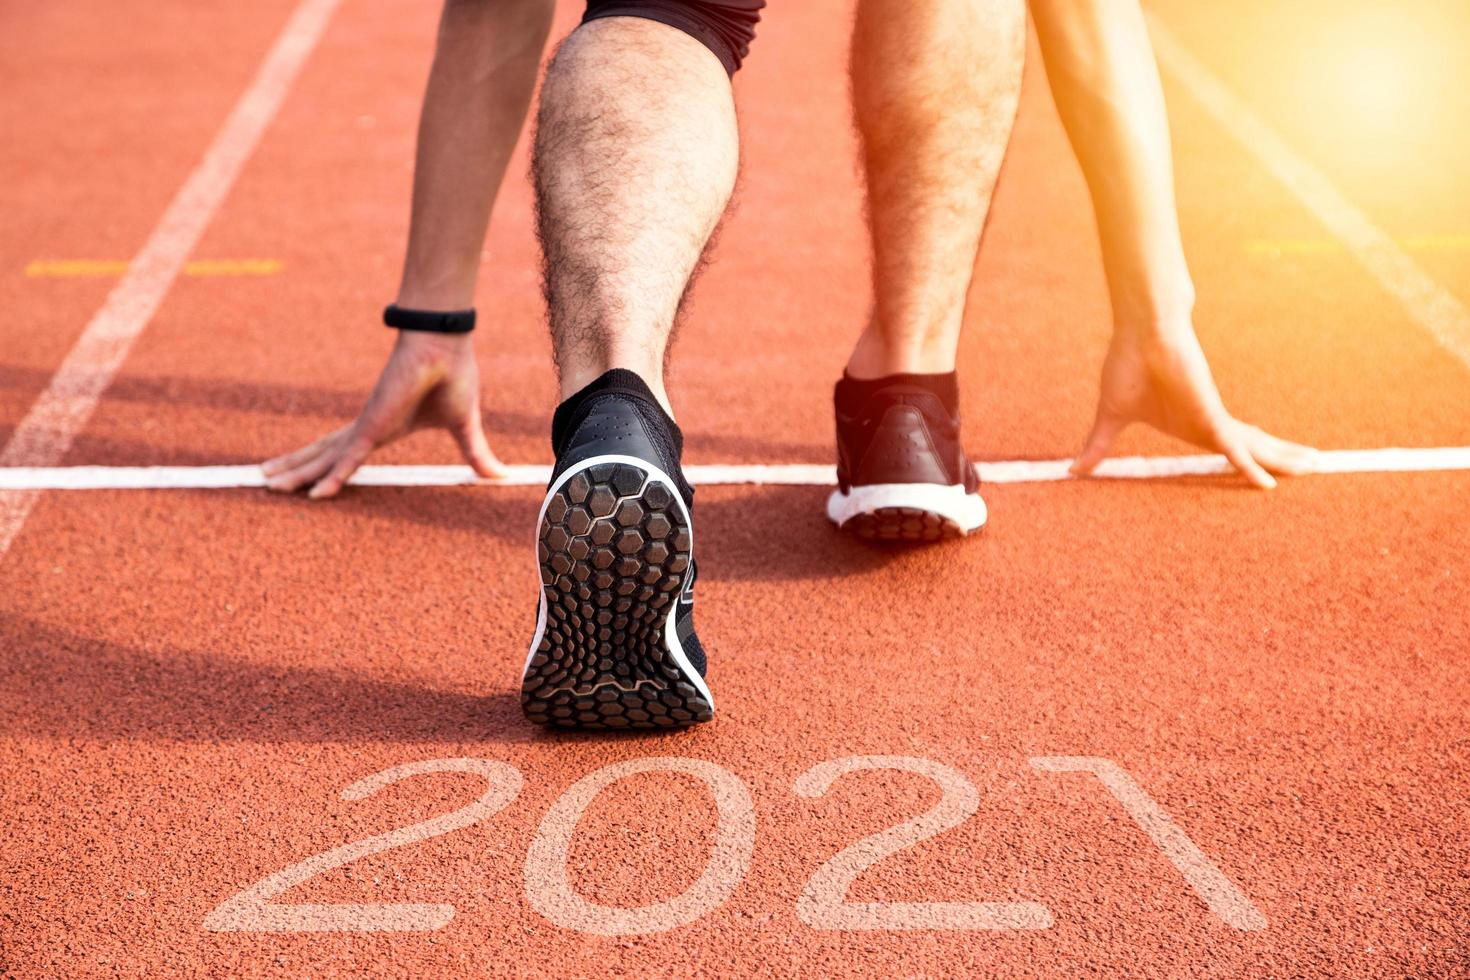 año nuevo o comenzar directamente el concepto. Cerca de un corredor atleta corriendo hacia el éxito y nuevos logros en el camino con inscripción 2021 foto